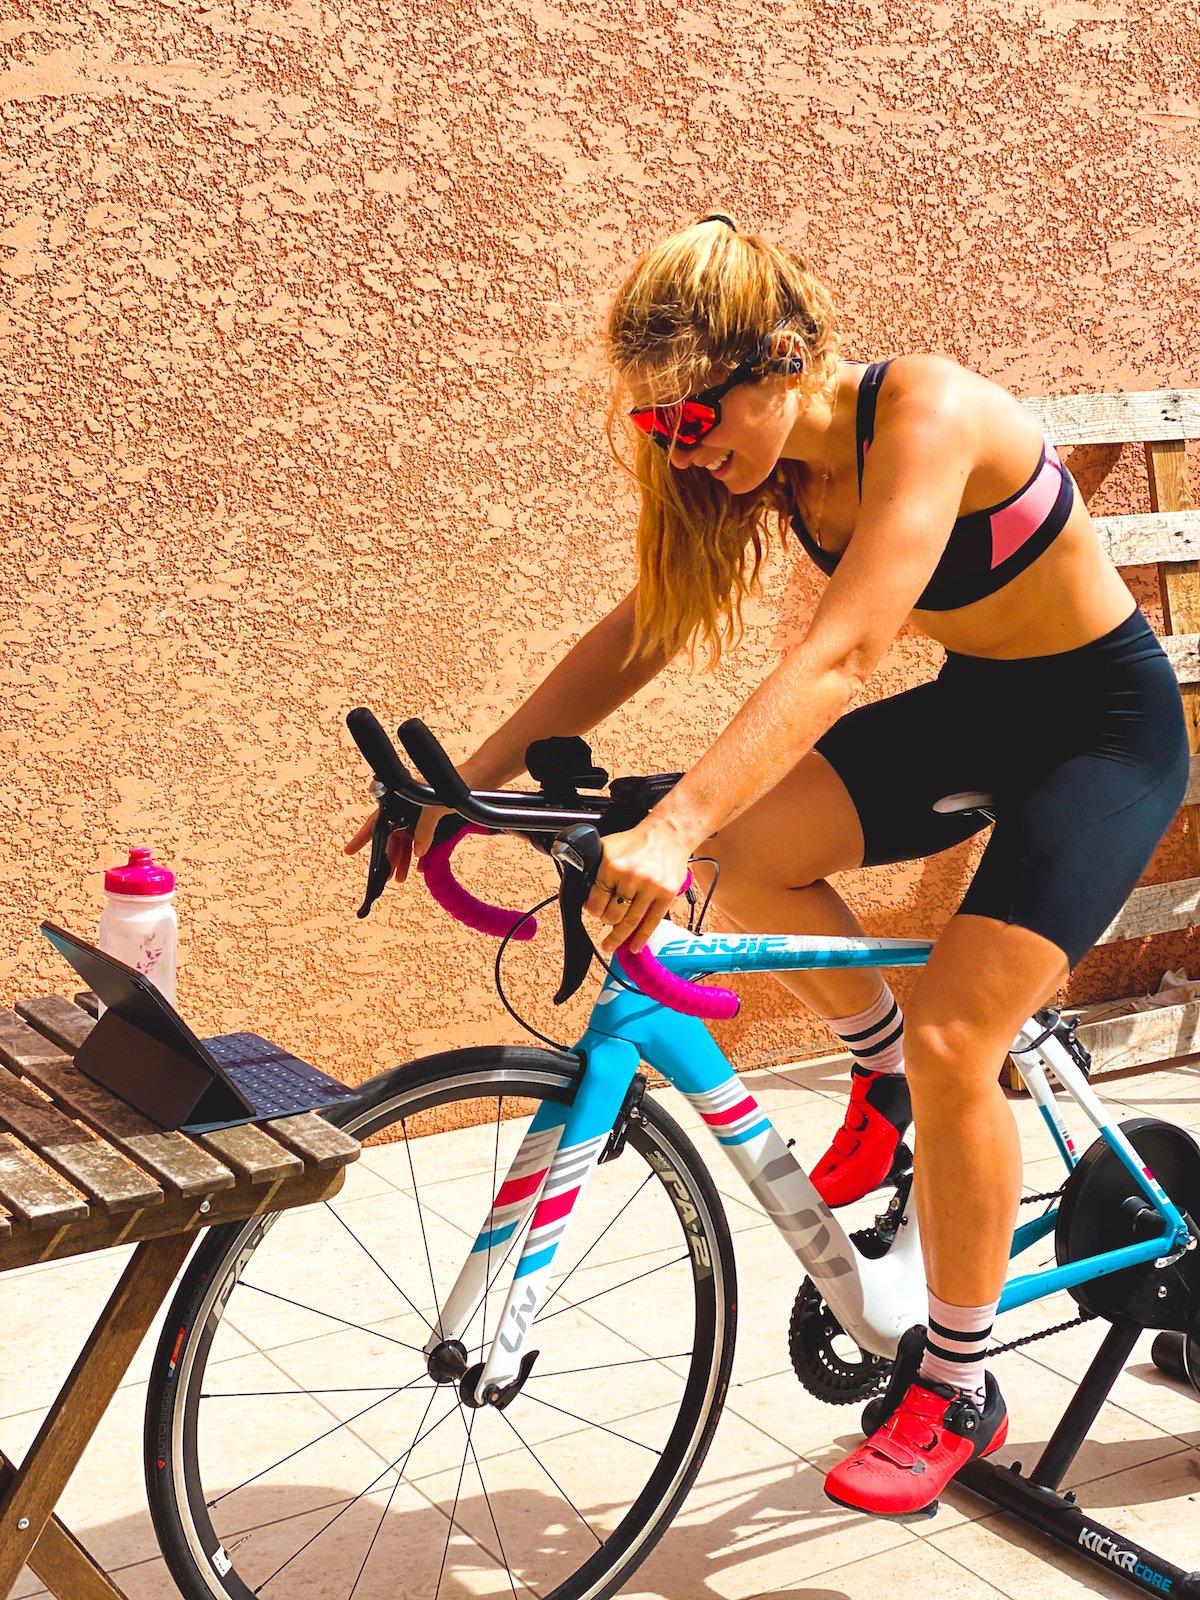 Sélections et mes équipements favoris pour faire du sport à la maison (Fitness, Home-Trainer...)